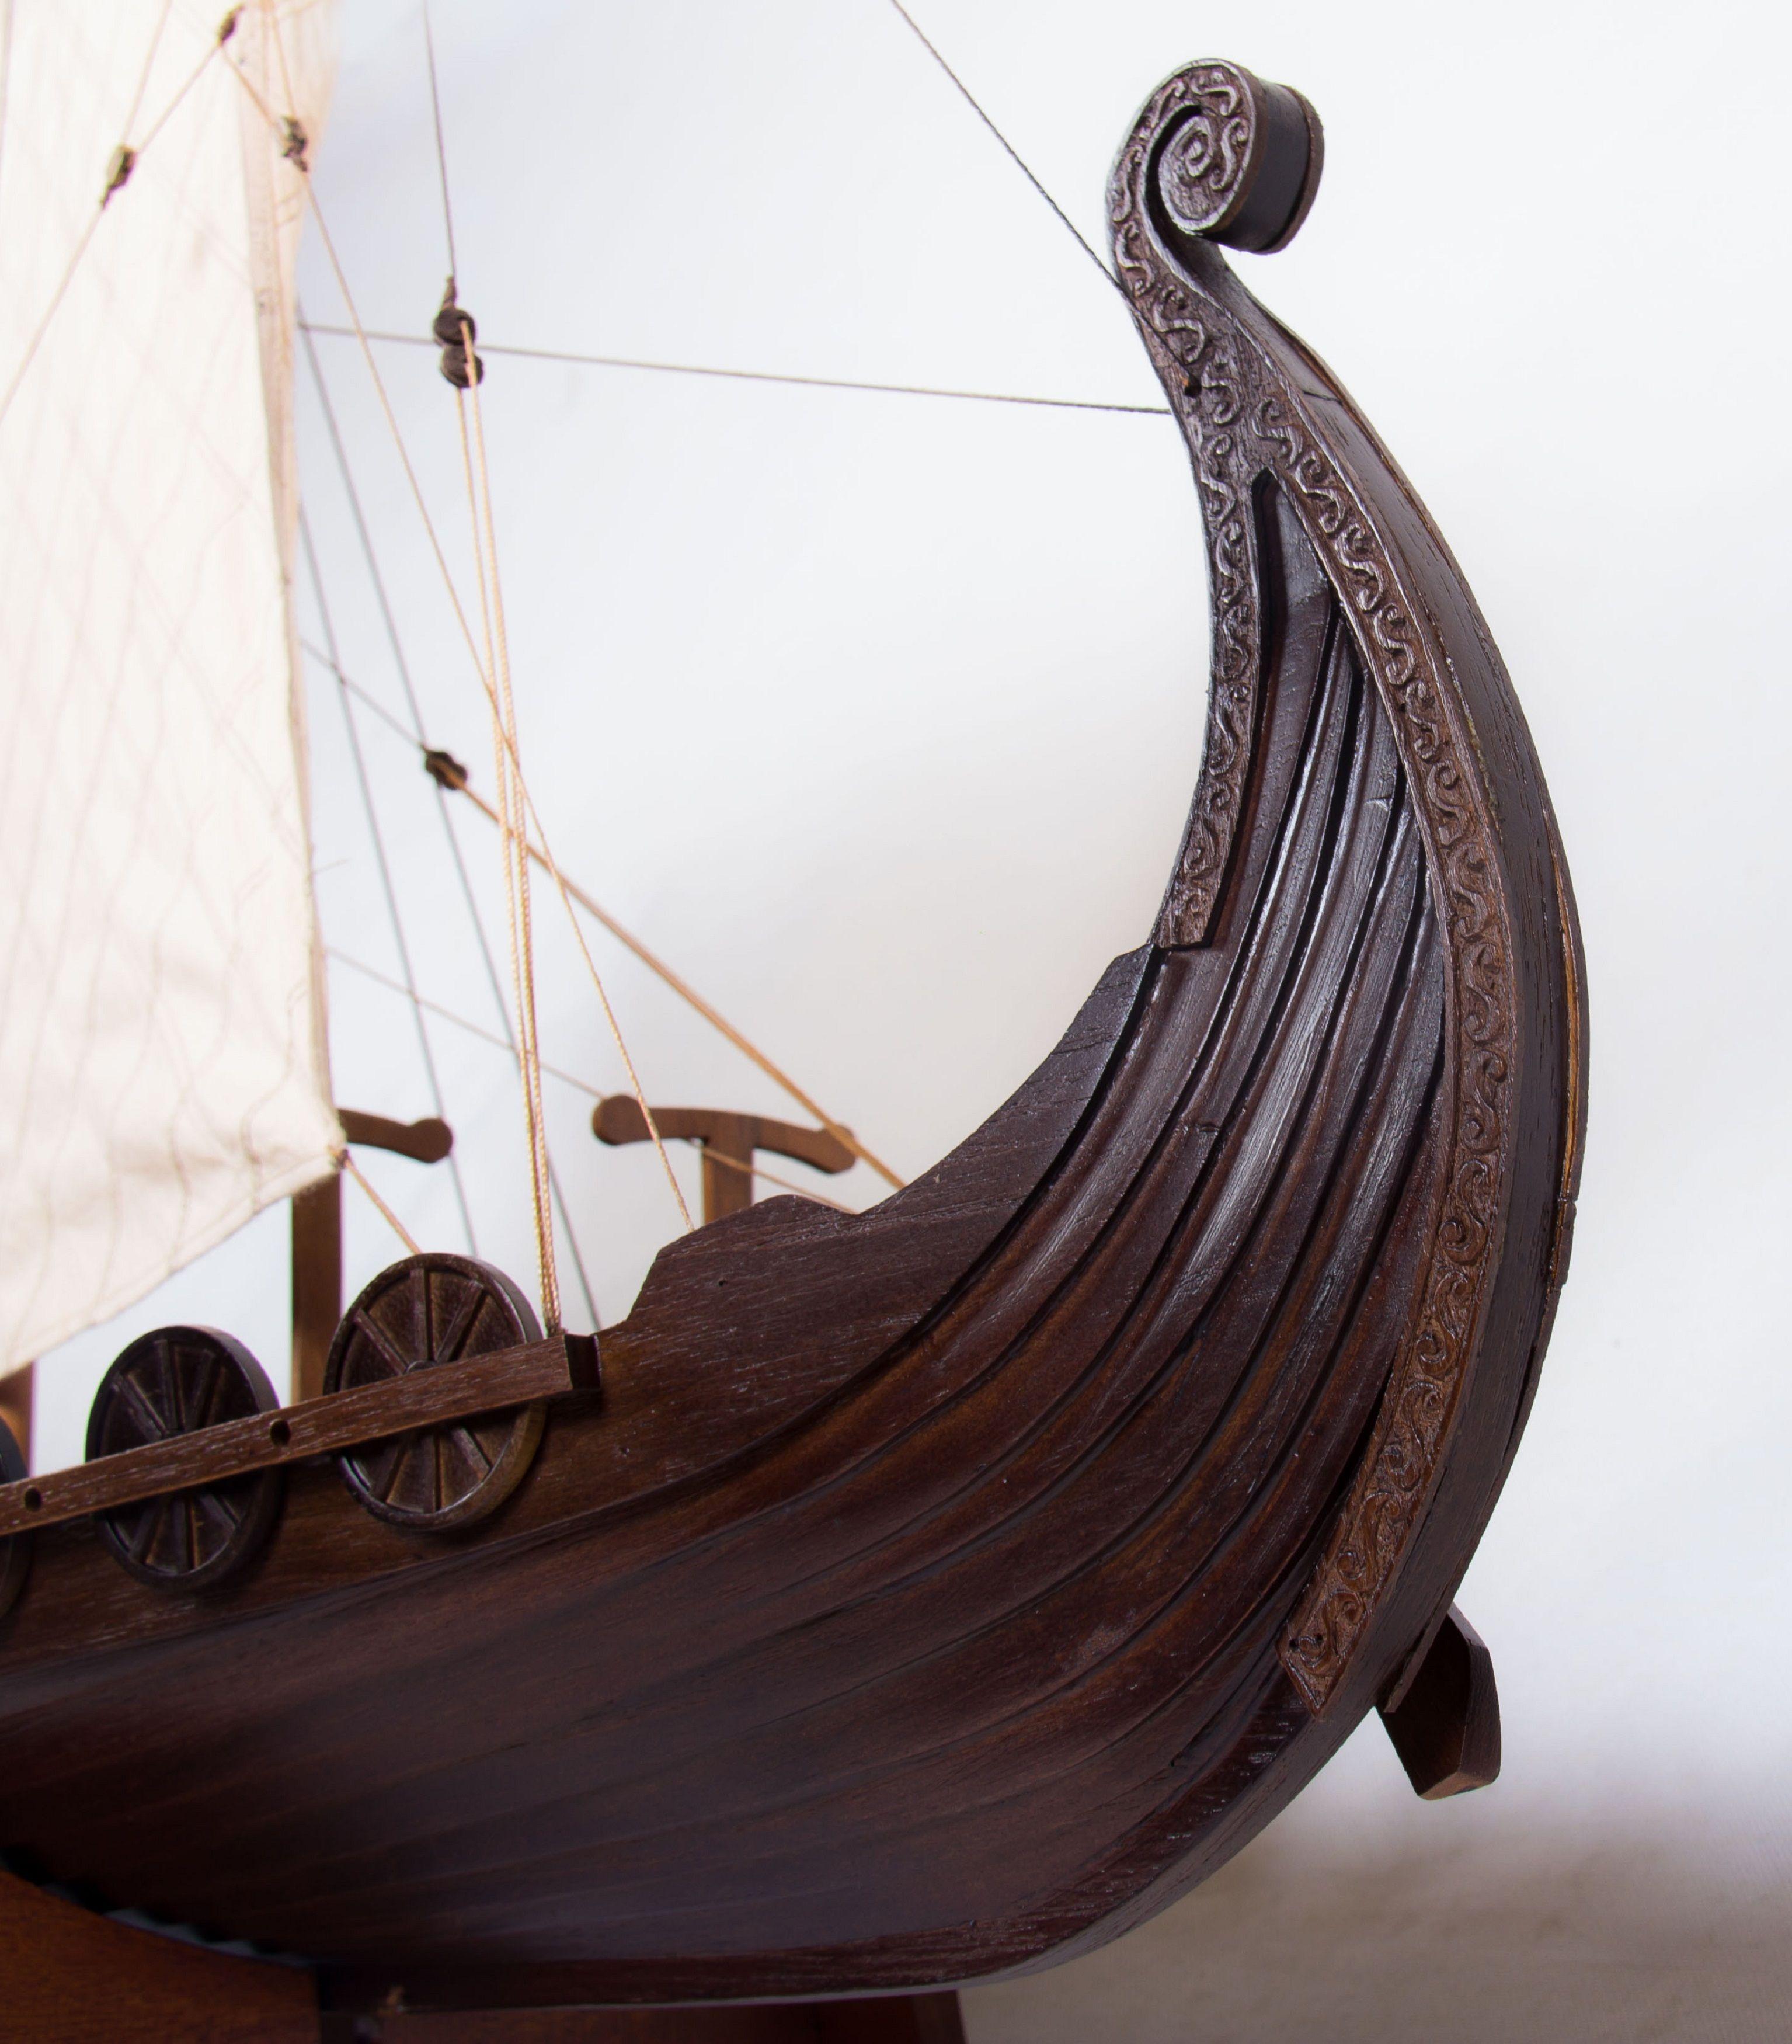 1774-9936-Viking-Model-Boat